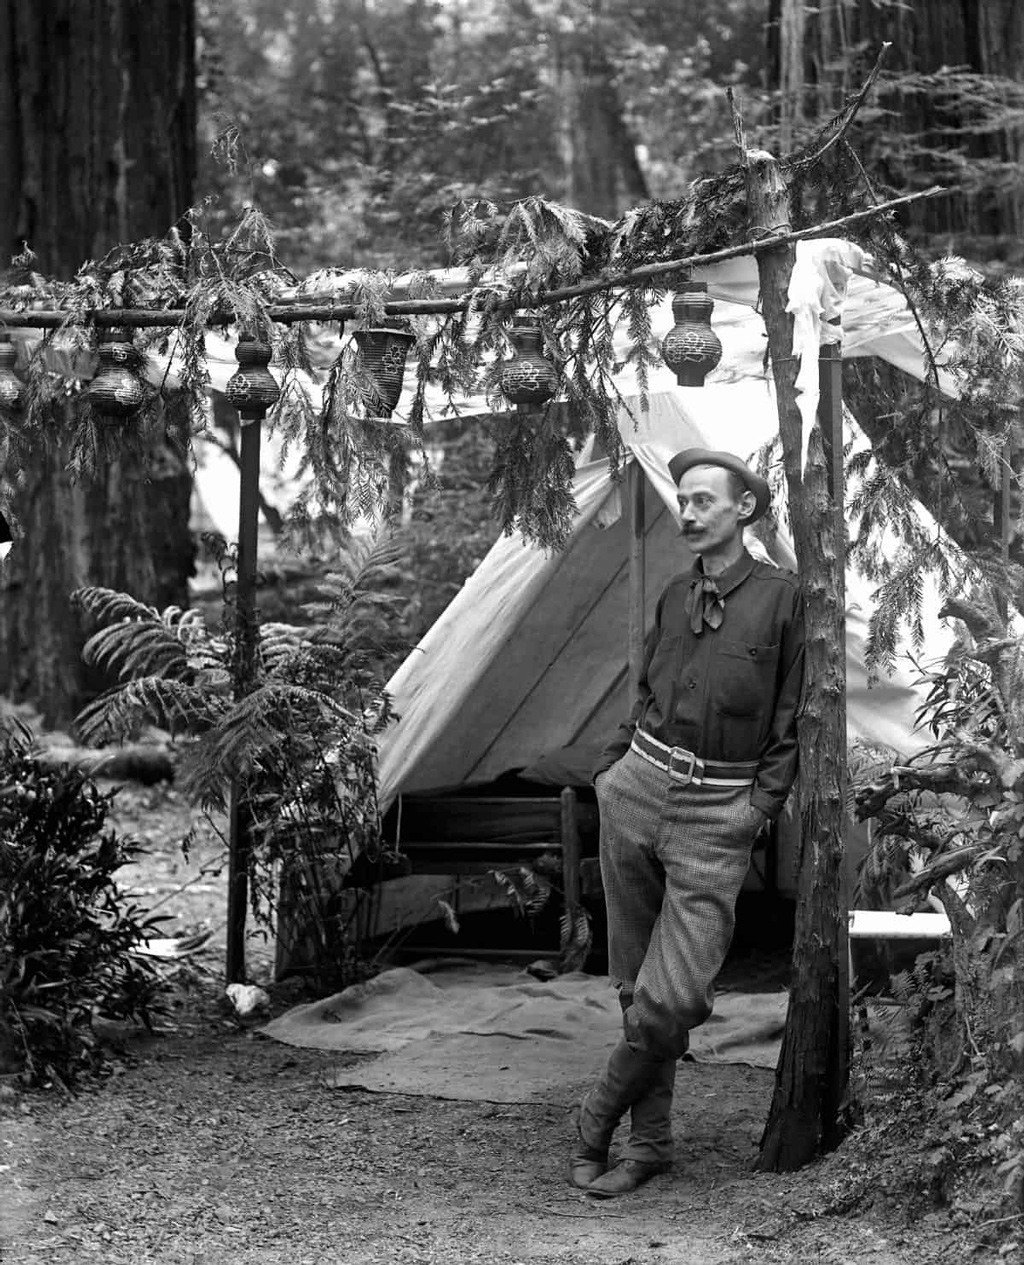 رجل في المخيم يتكئ على عمود، البستان البوهيمي.